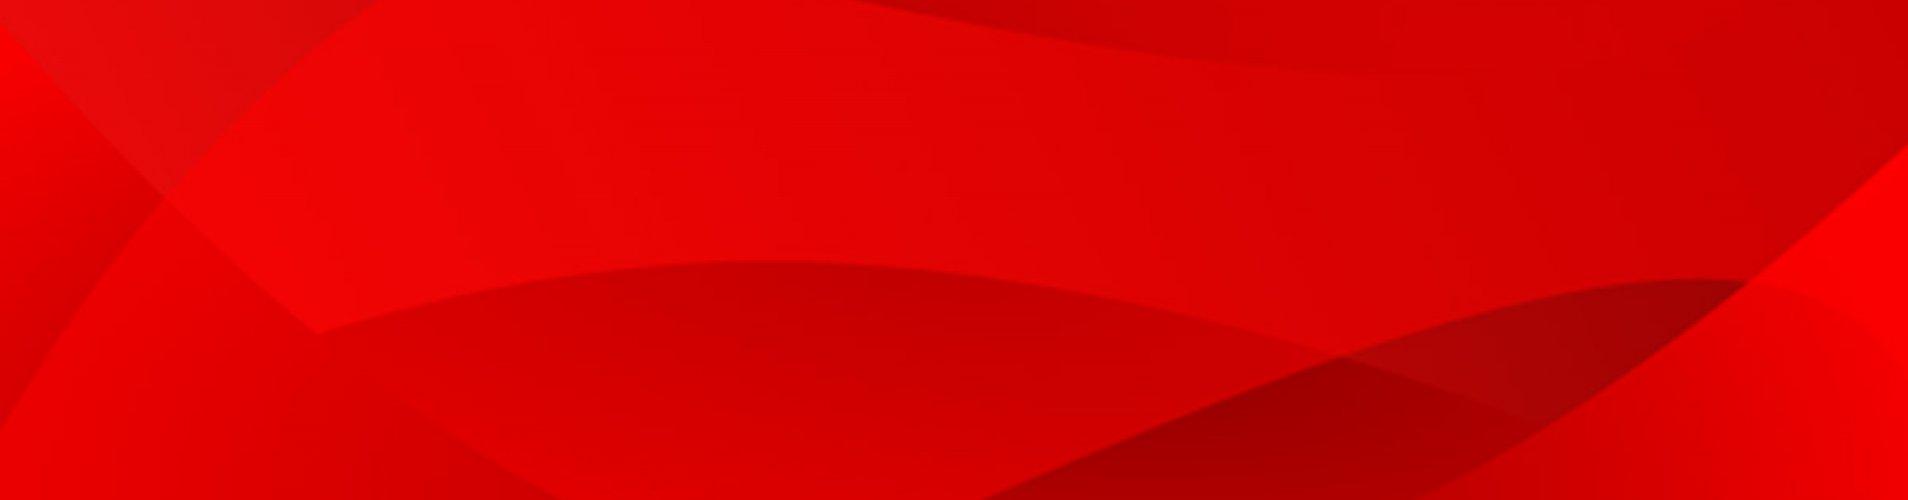 Güncellenme Zamanı: 14.05.2020 12:55:02